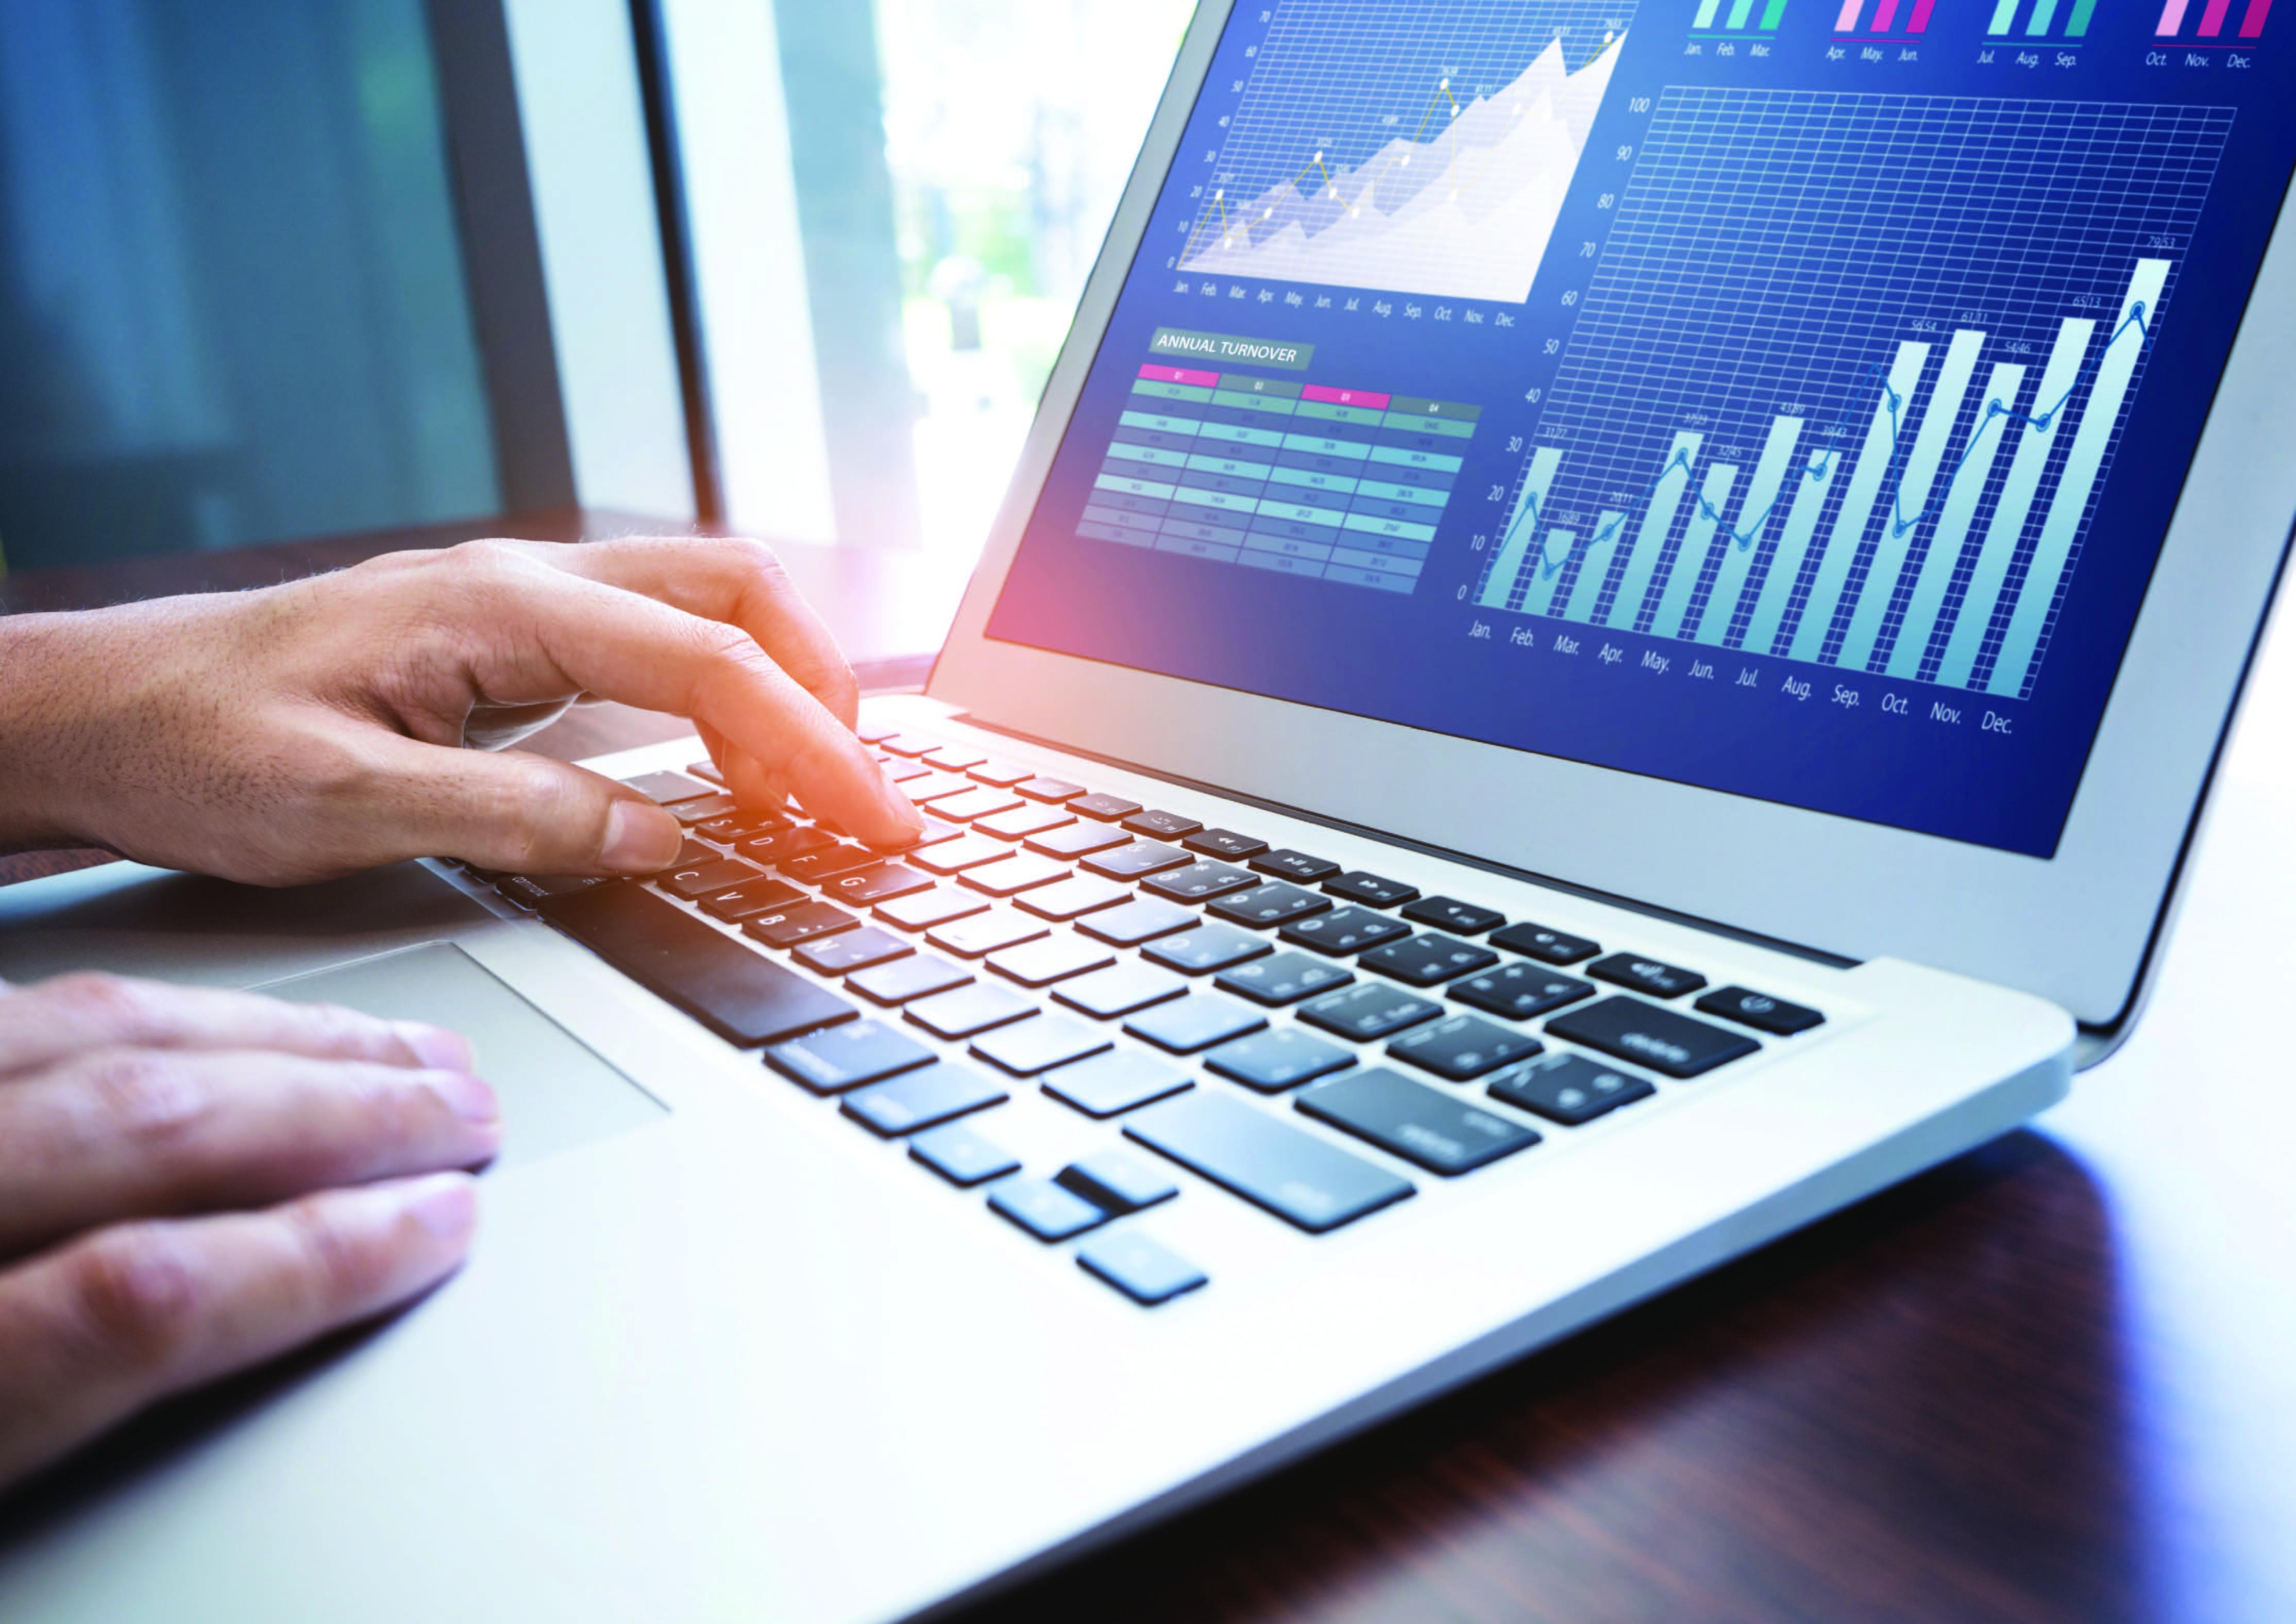 SAP HCM & SuccessFactors customers p8